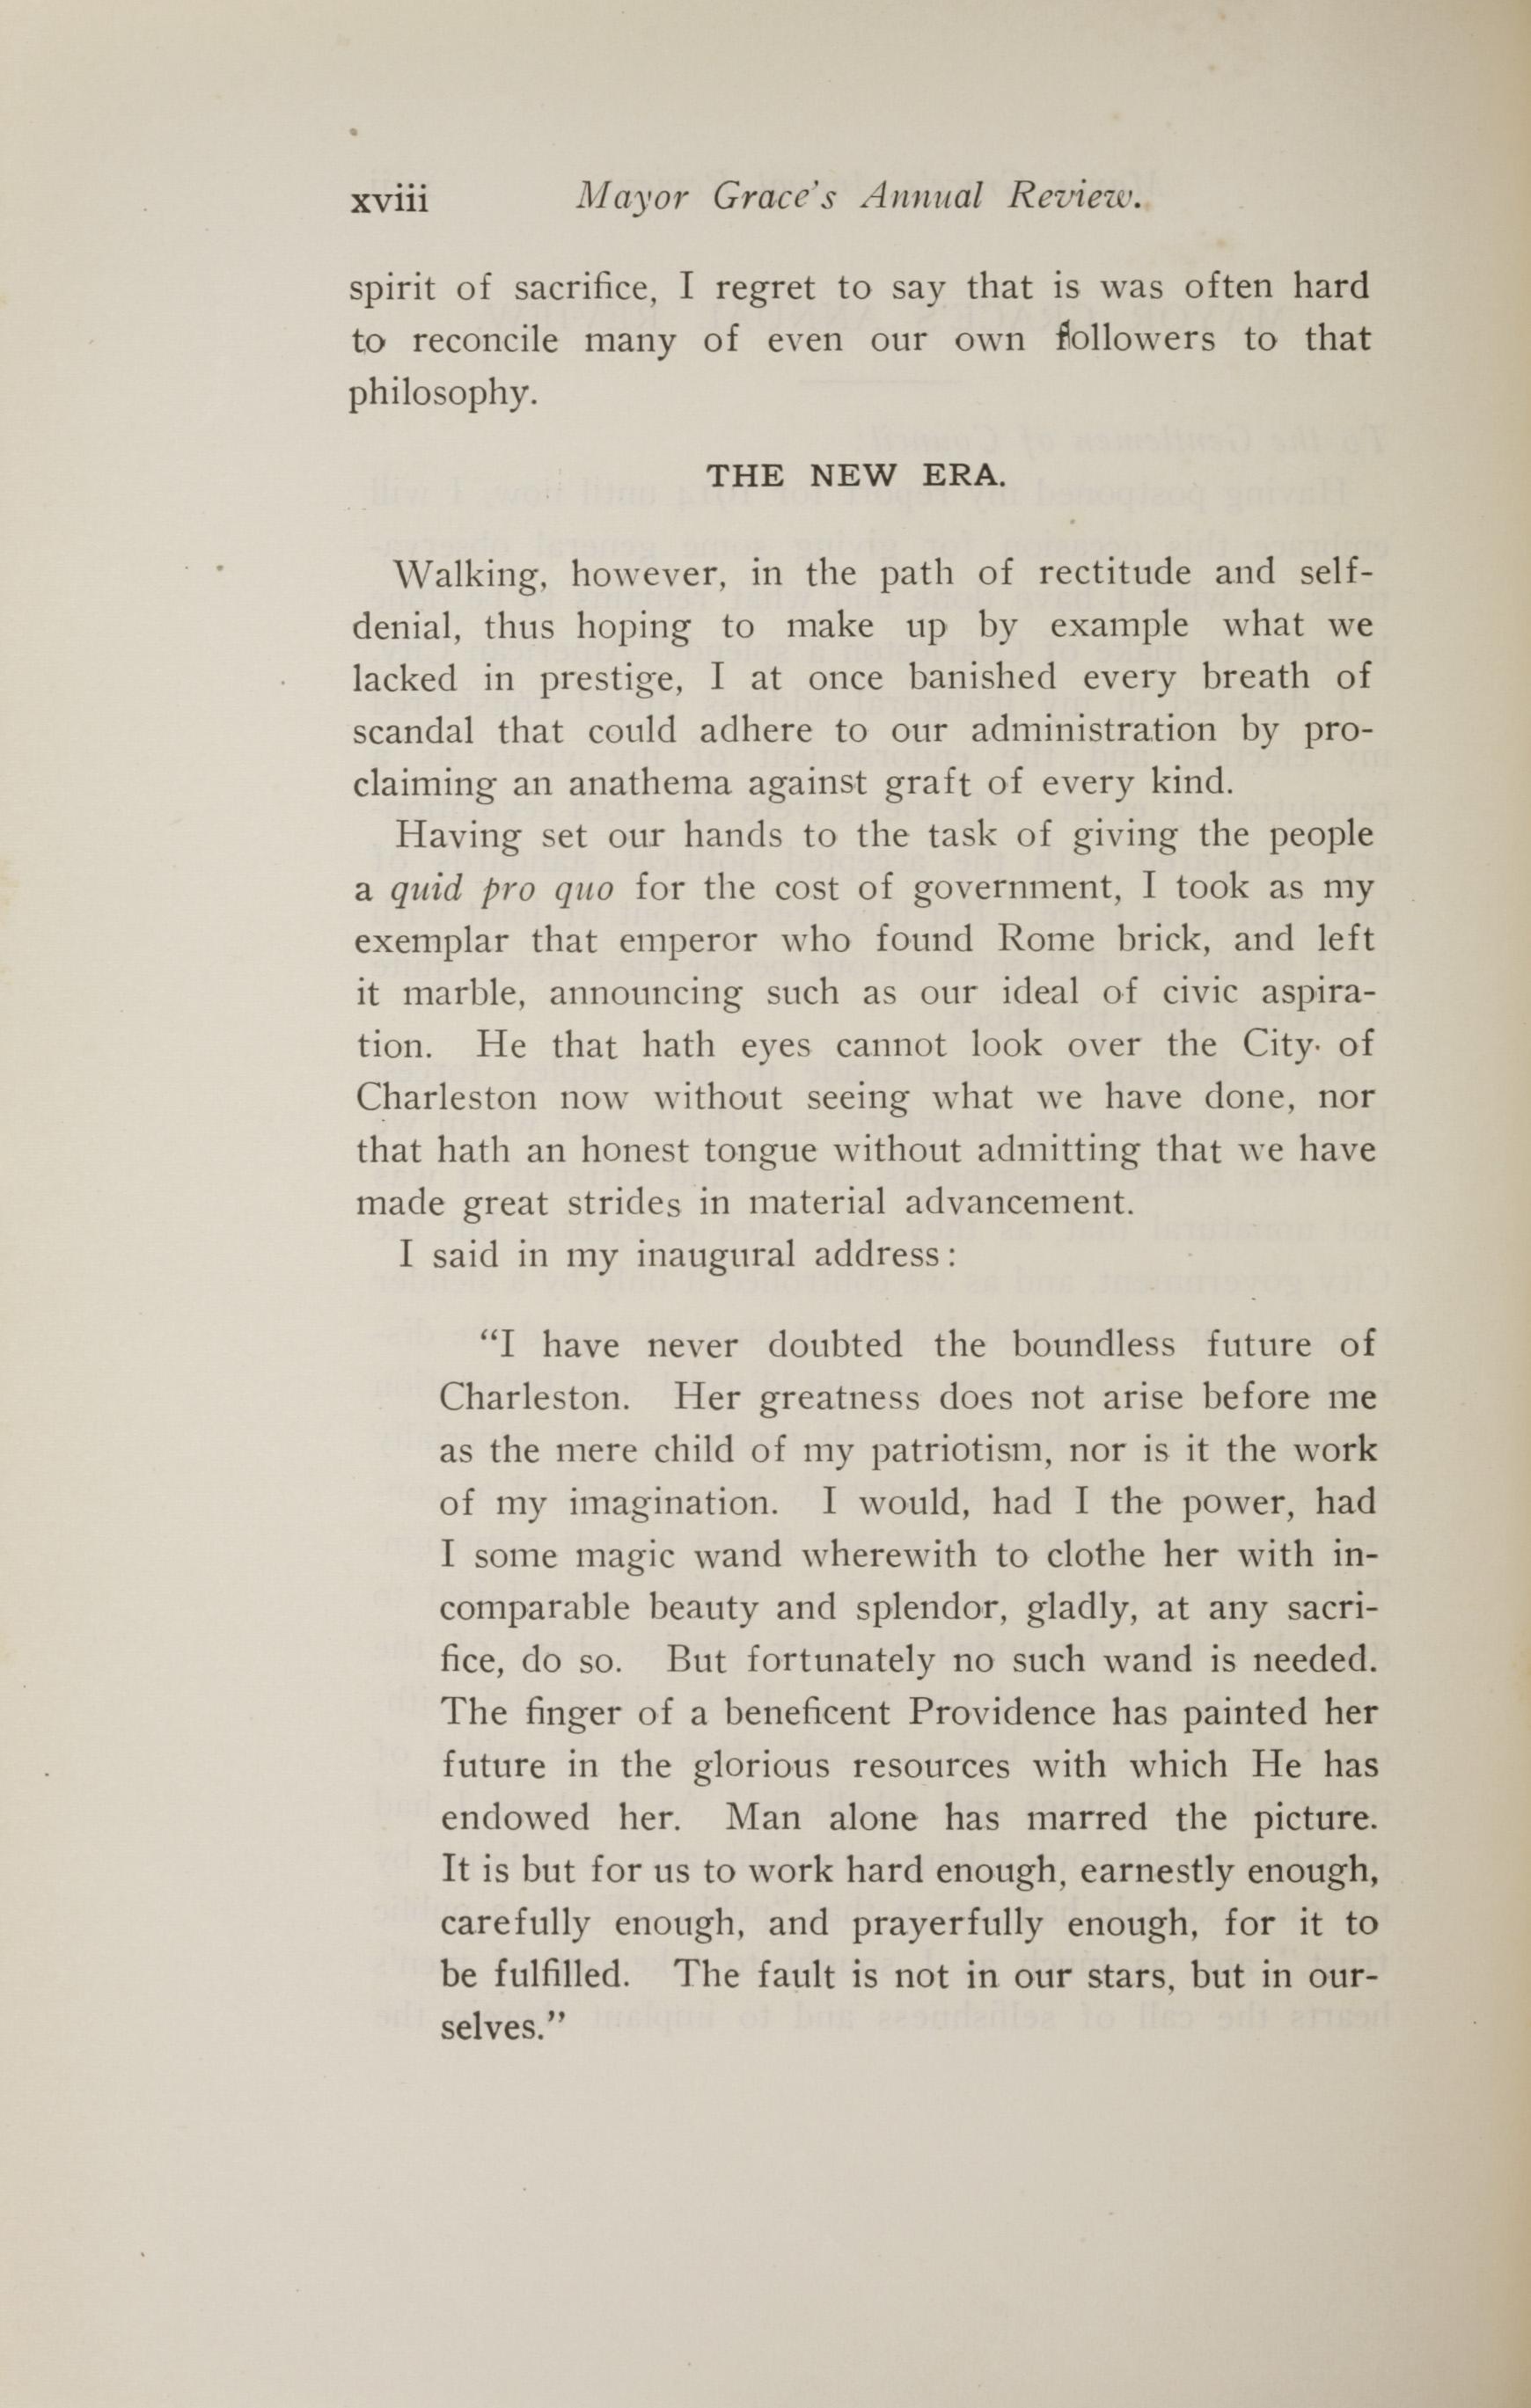 Charleston Yearbook, 1914, page xviii